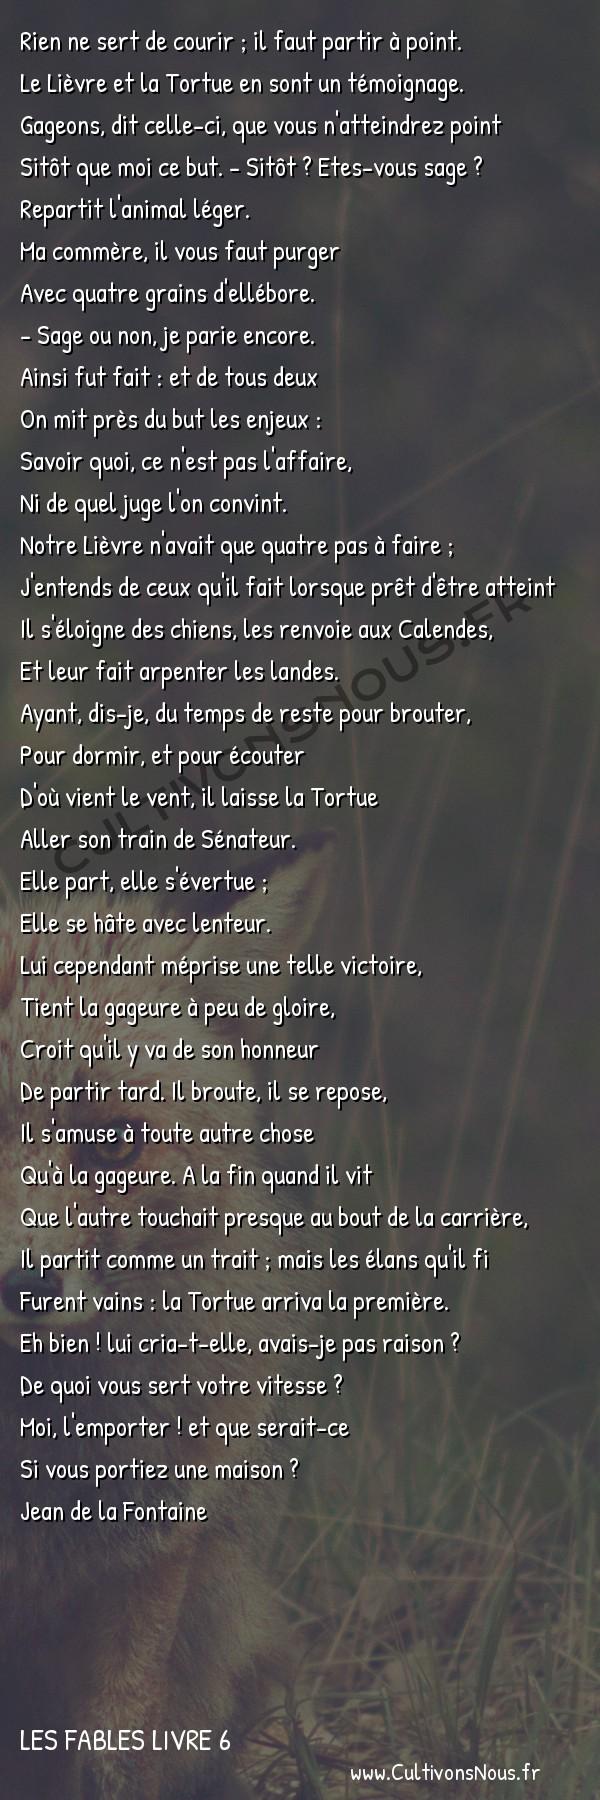 Fables Jean de la Fontaine - Les fables Livre 6 - Le Lièvre et la Tortue -   Rien ne sert de courir ; il faut partir à point. Le Lièvre et la Tortue en sont un témoignage.